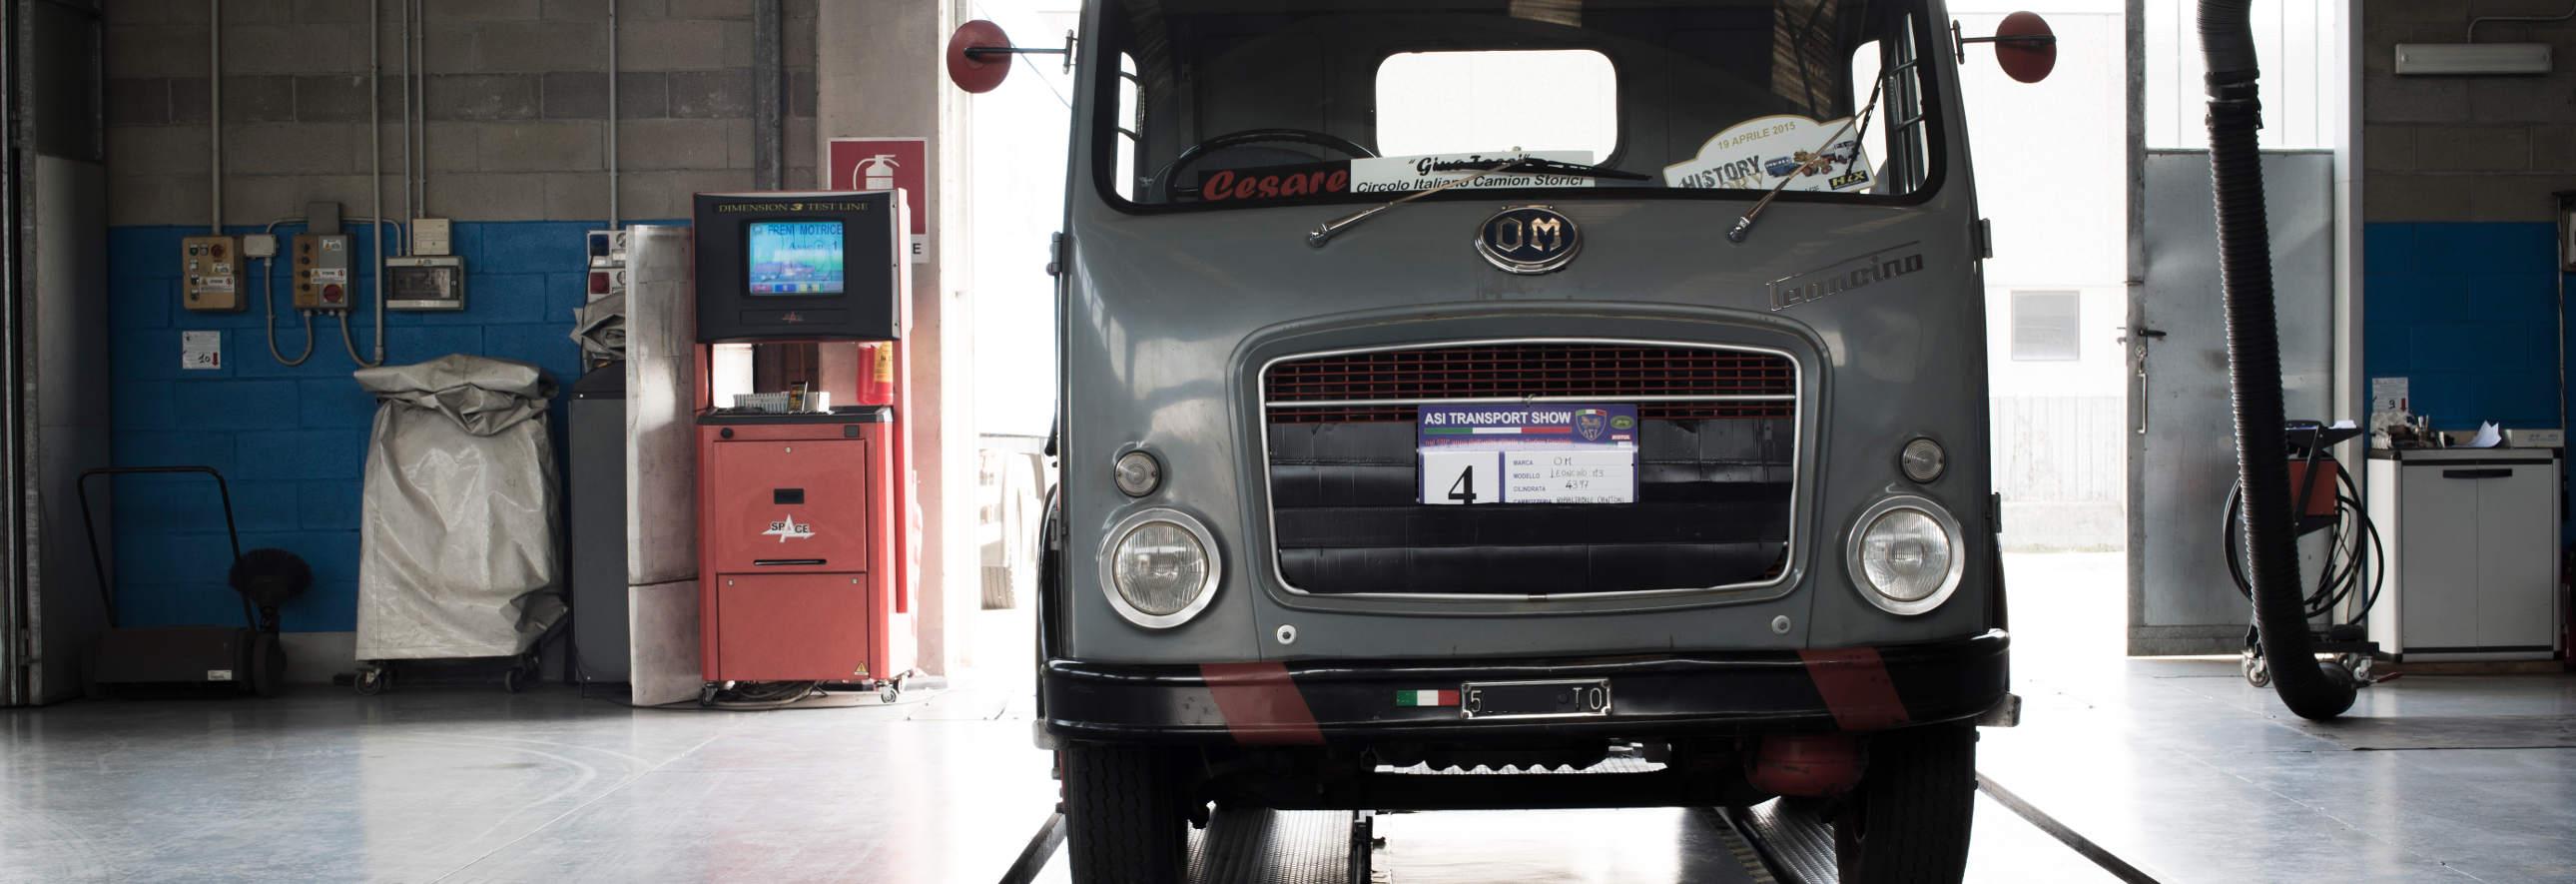 Revisione veicoli oltre 35qt